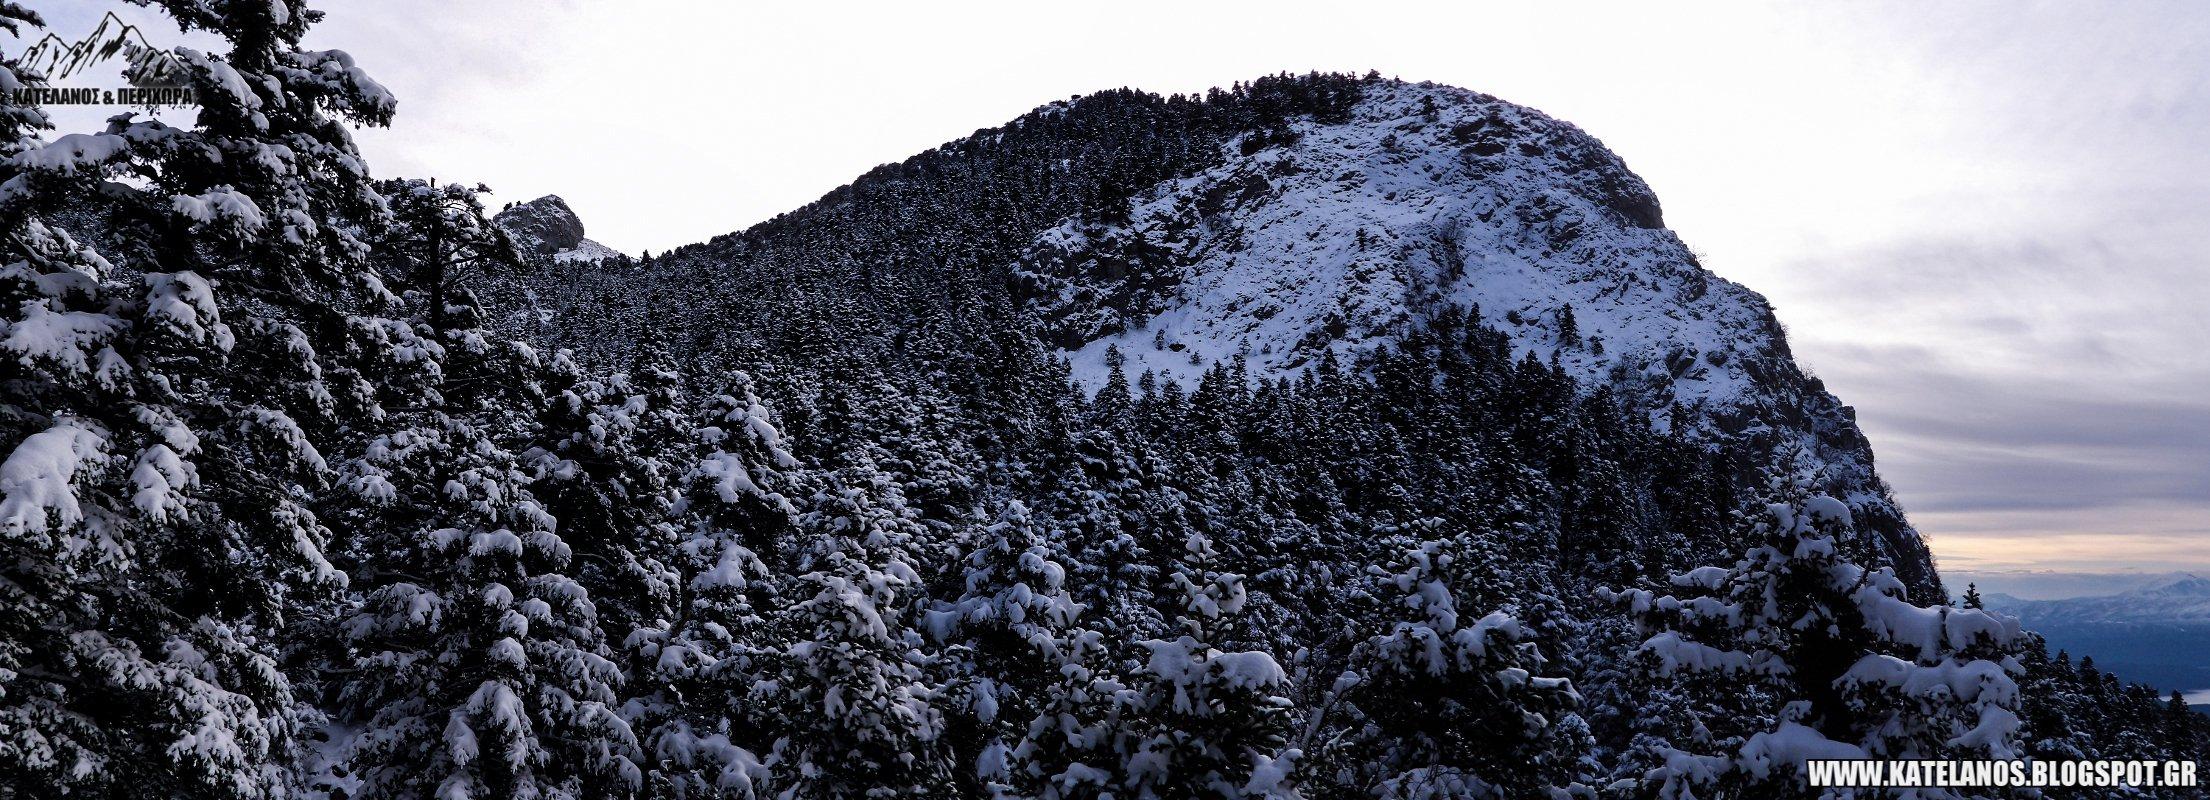 αη λιας προφητης ηλιας βουνο πανω απο τον αγιο βλασιο αγρινιου αιτωλοακαρνανιας παναιτωλικο ορος